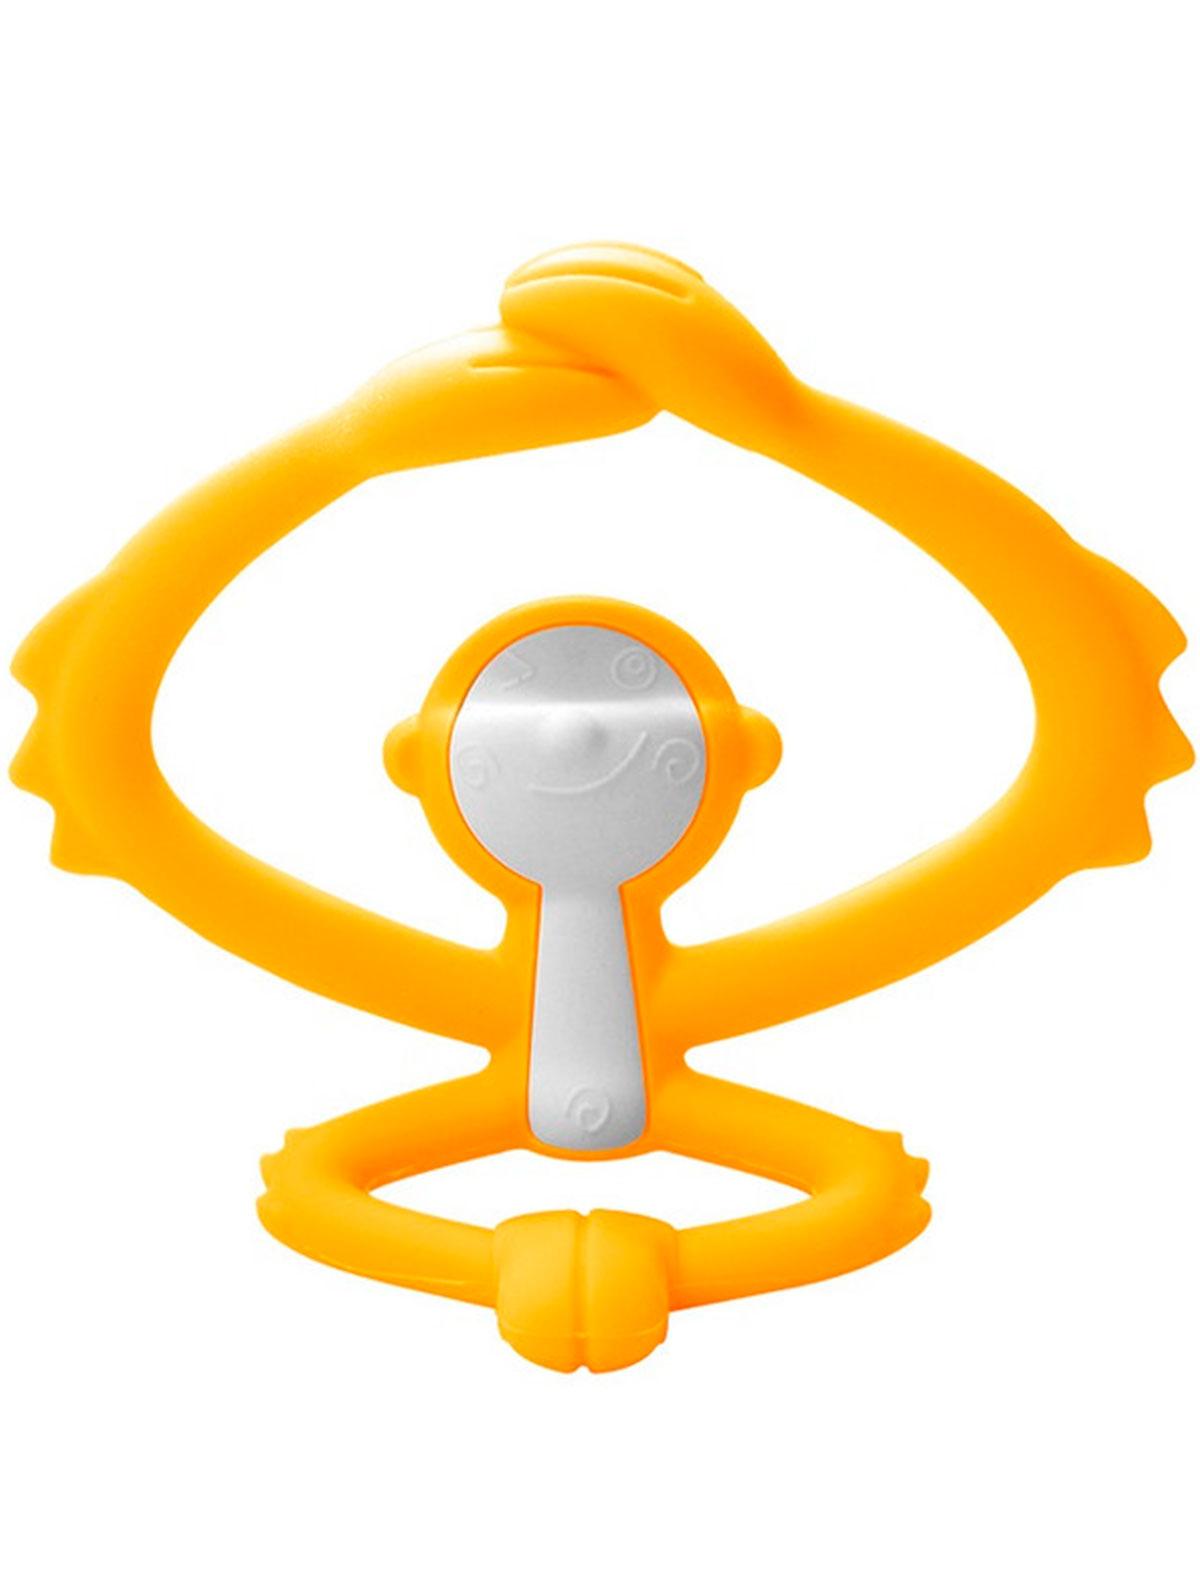 Купить 2217975, Прорезыватель для зубов Mombella, желтый, 5644520070287